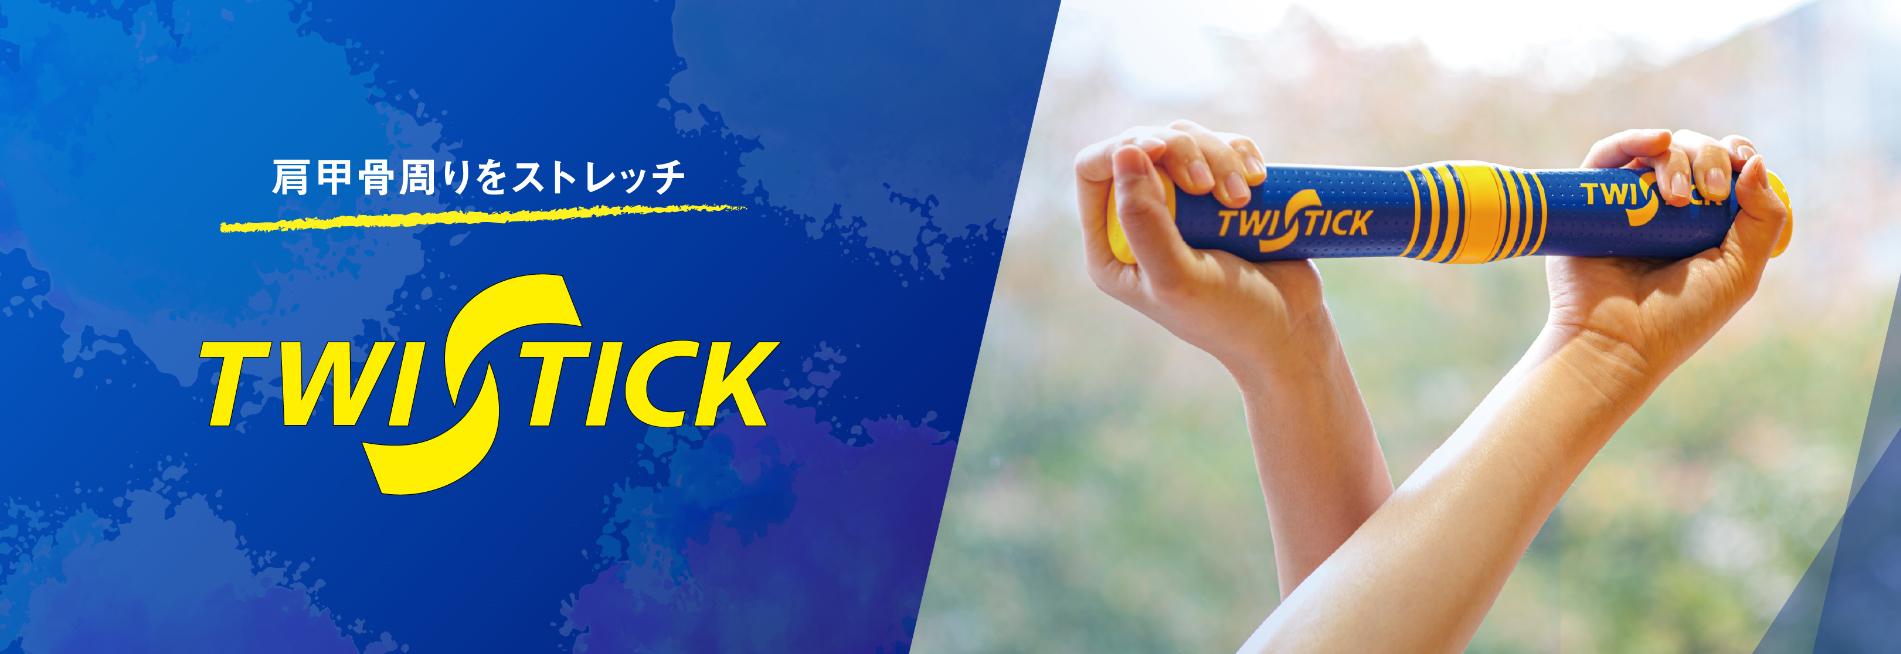 TWINSTICK商品写真